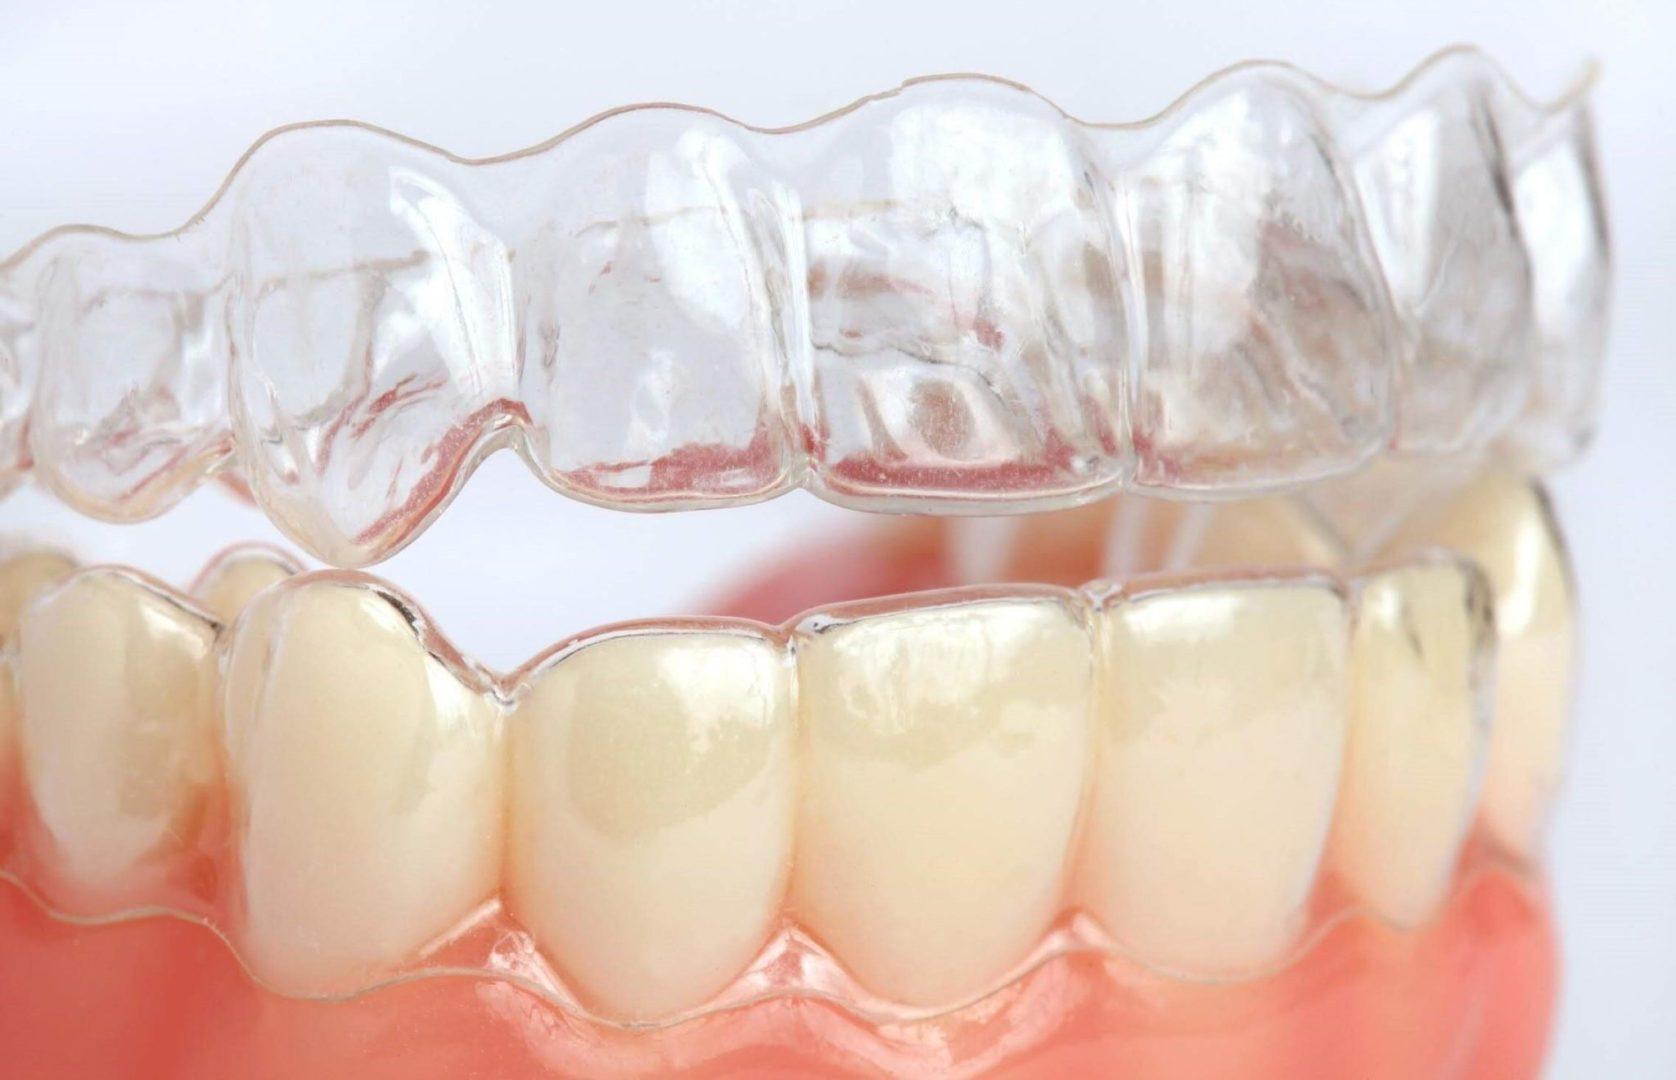 Преимущества и недостатки кап для выравнивания зубов, этапы лечения | 9